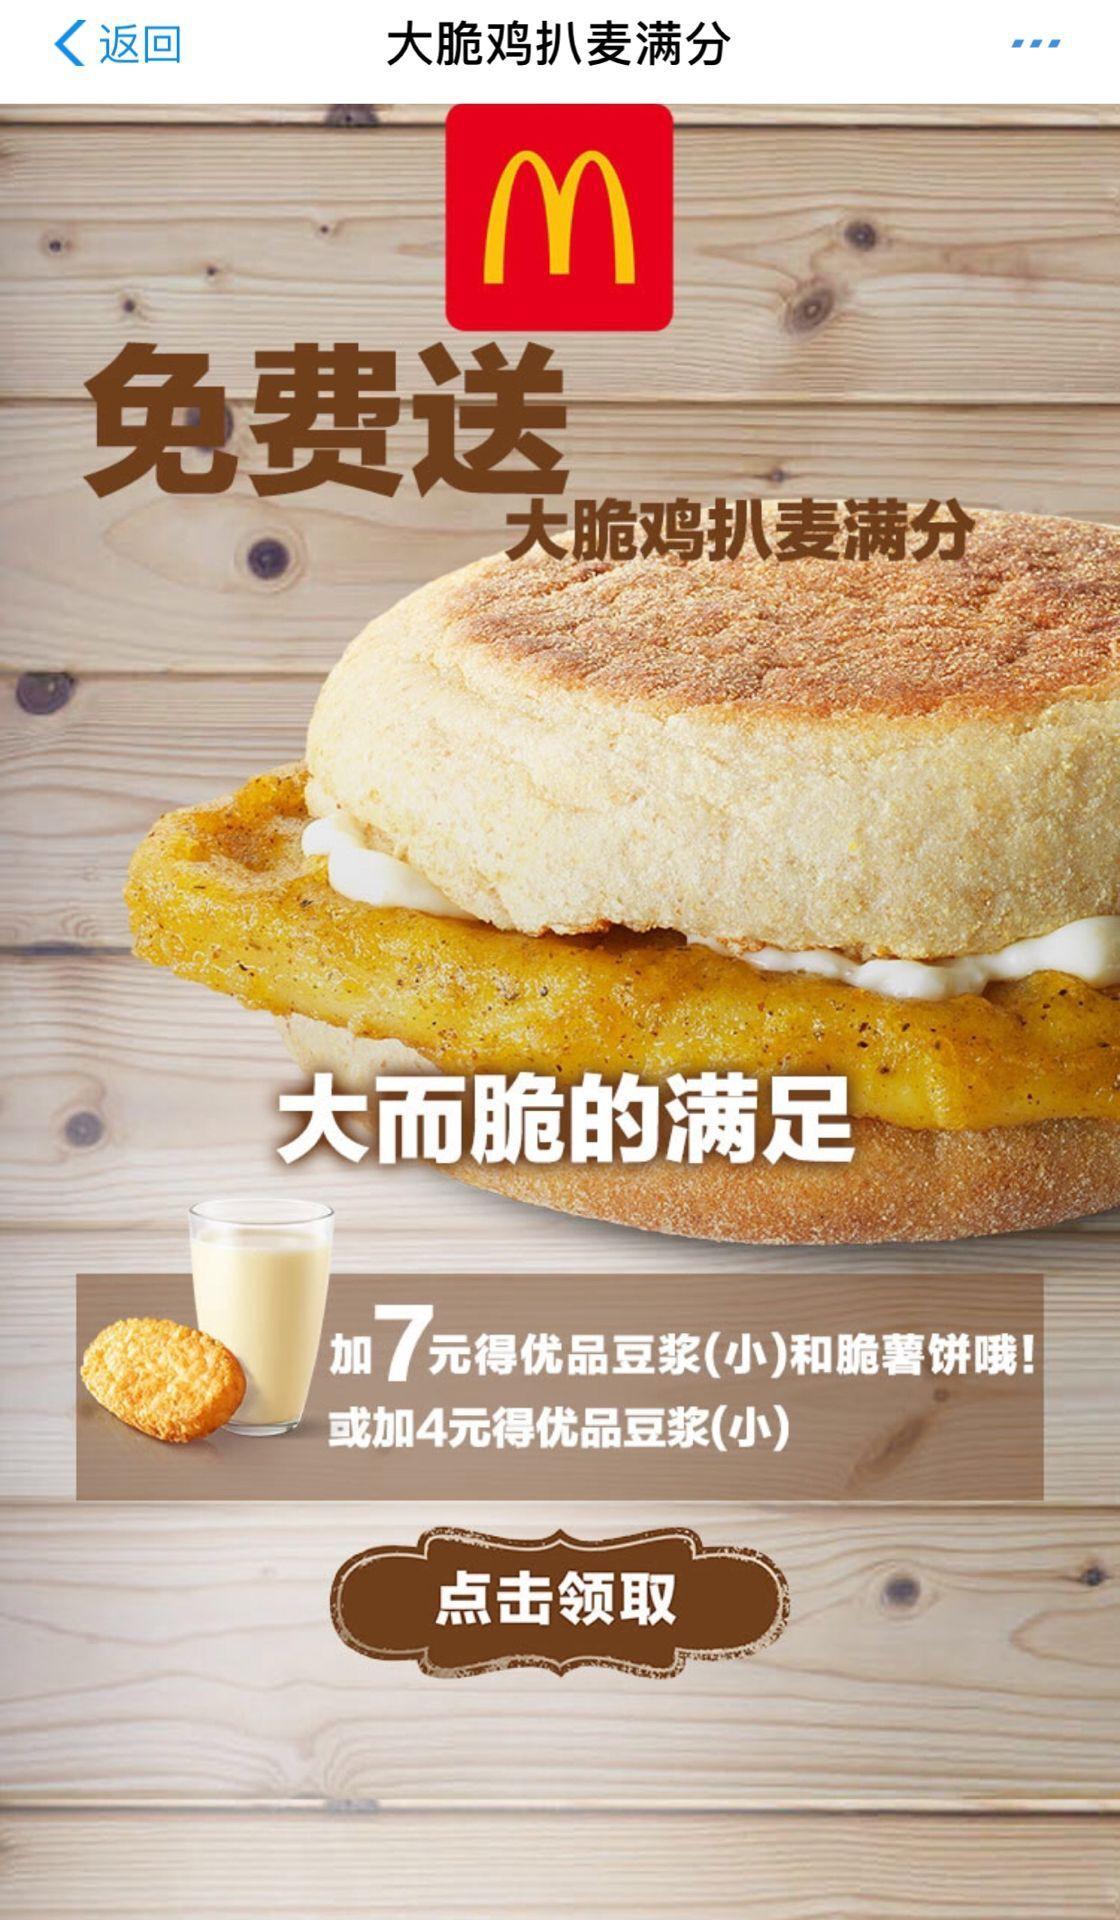 【麦当劳】大脆鸡扒麦满分免费送(3.18-3.22)